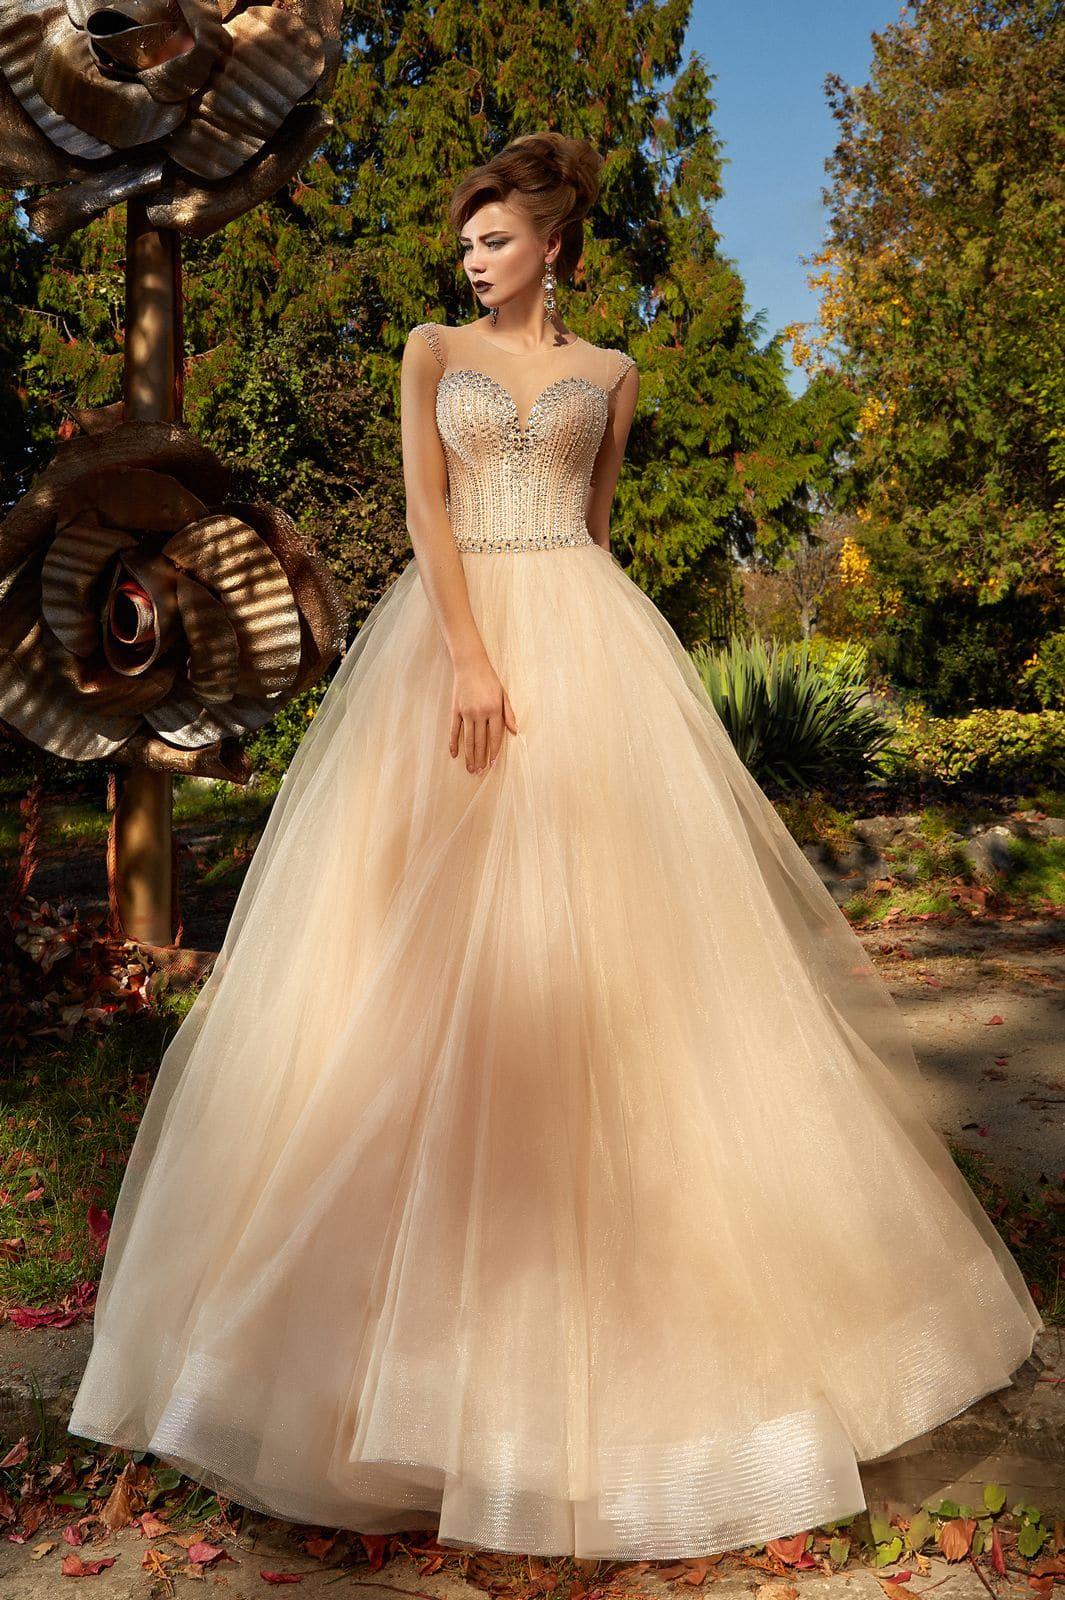 93401e73593 Бежевое вечернее платье пышного силуэта с роскошной сверкающей вышивкой по  лифу.